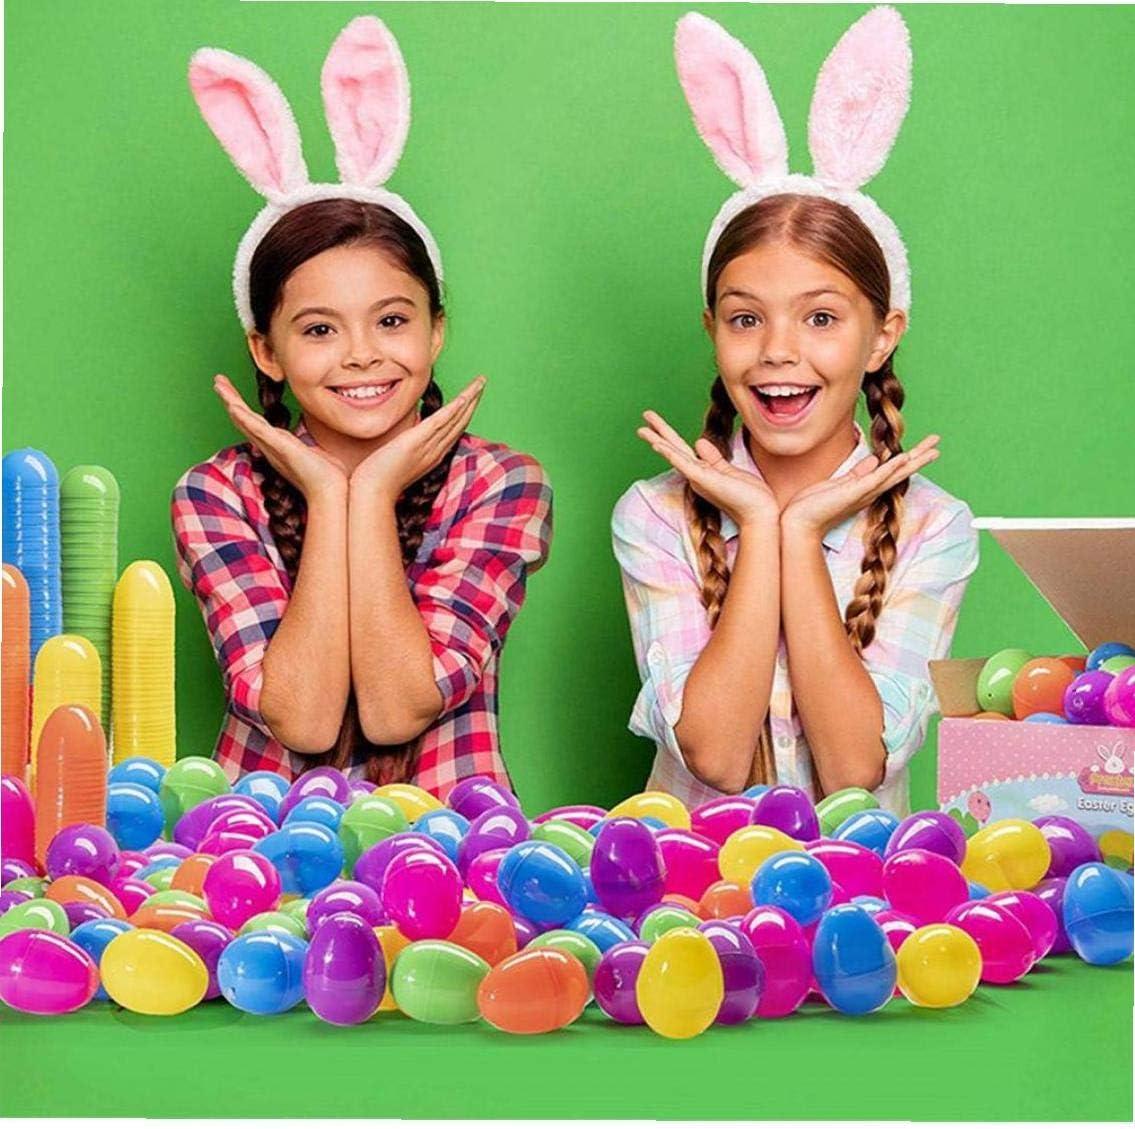 LAANCOO Huevos de Pascua de pl/ástico rellenables sorpresa surtido de juguetes para ni/ños de Pascua tem/ática de fiesta de recuerdo de 12 piezas regalos de chocolate